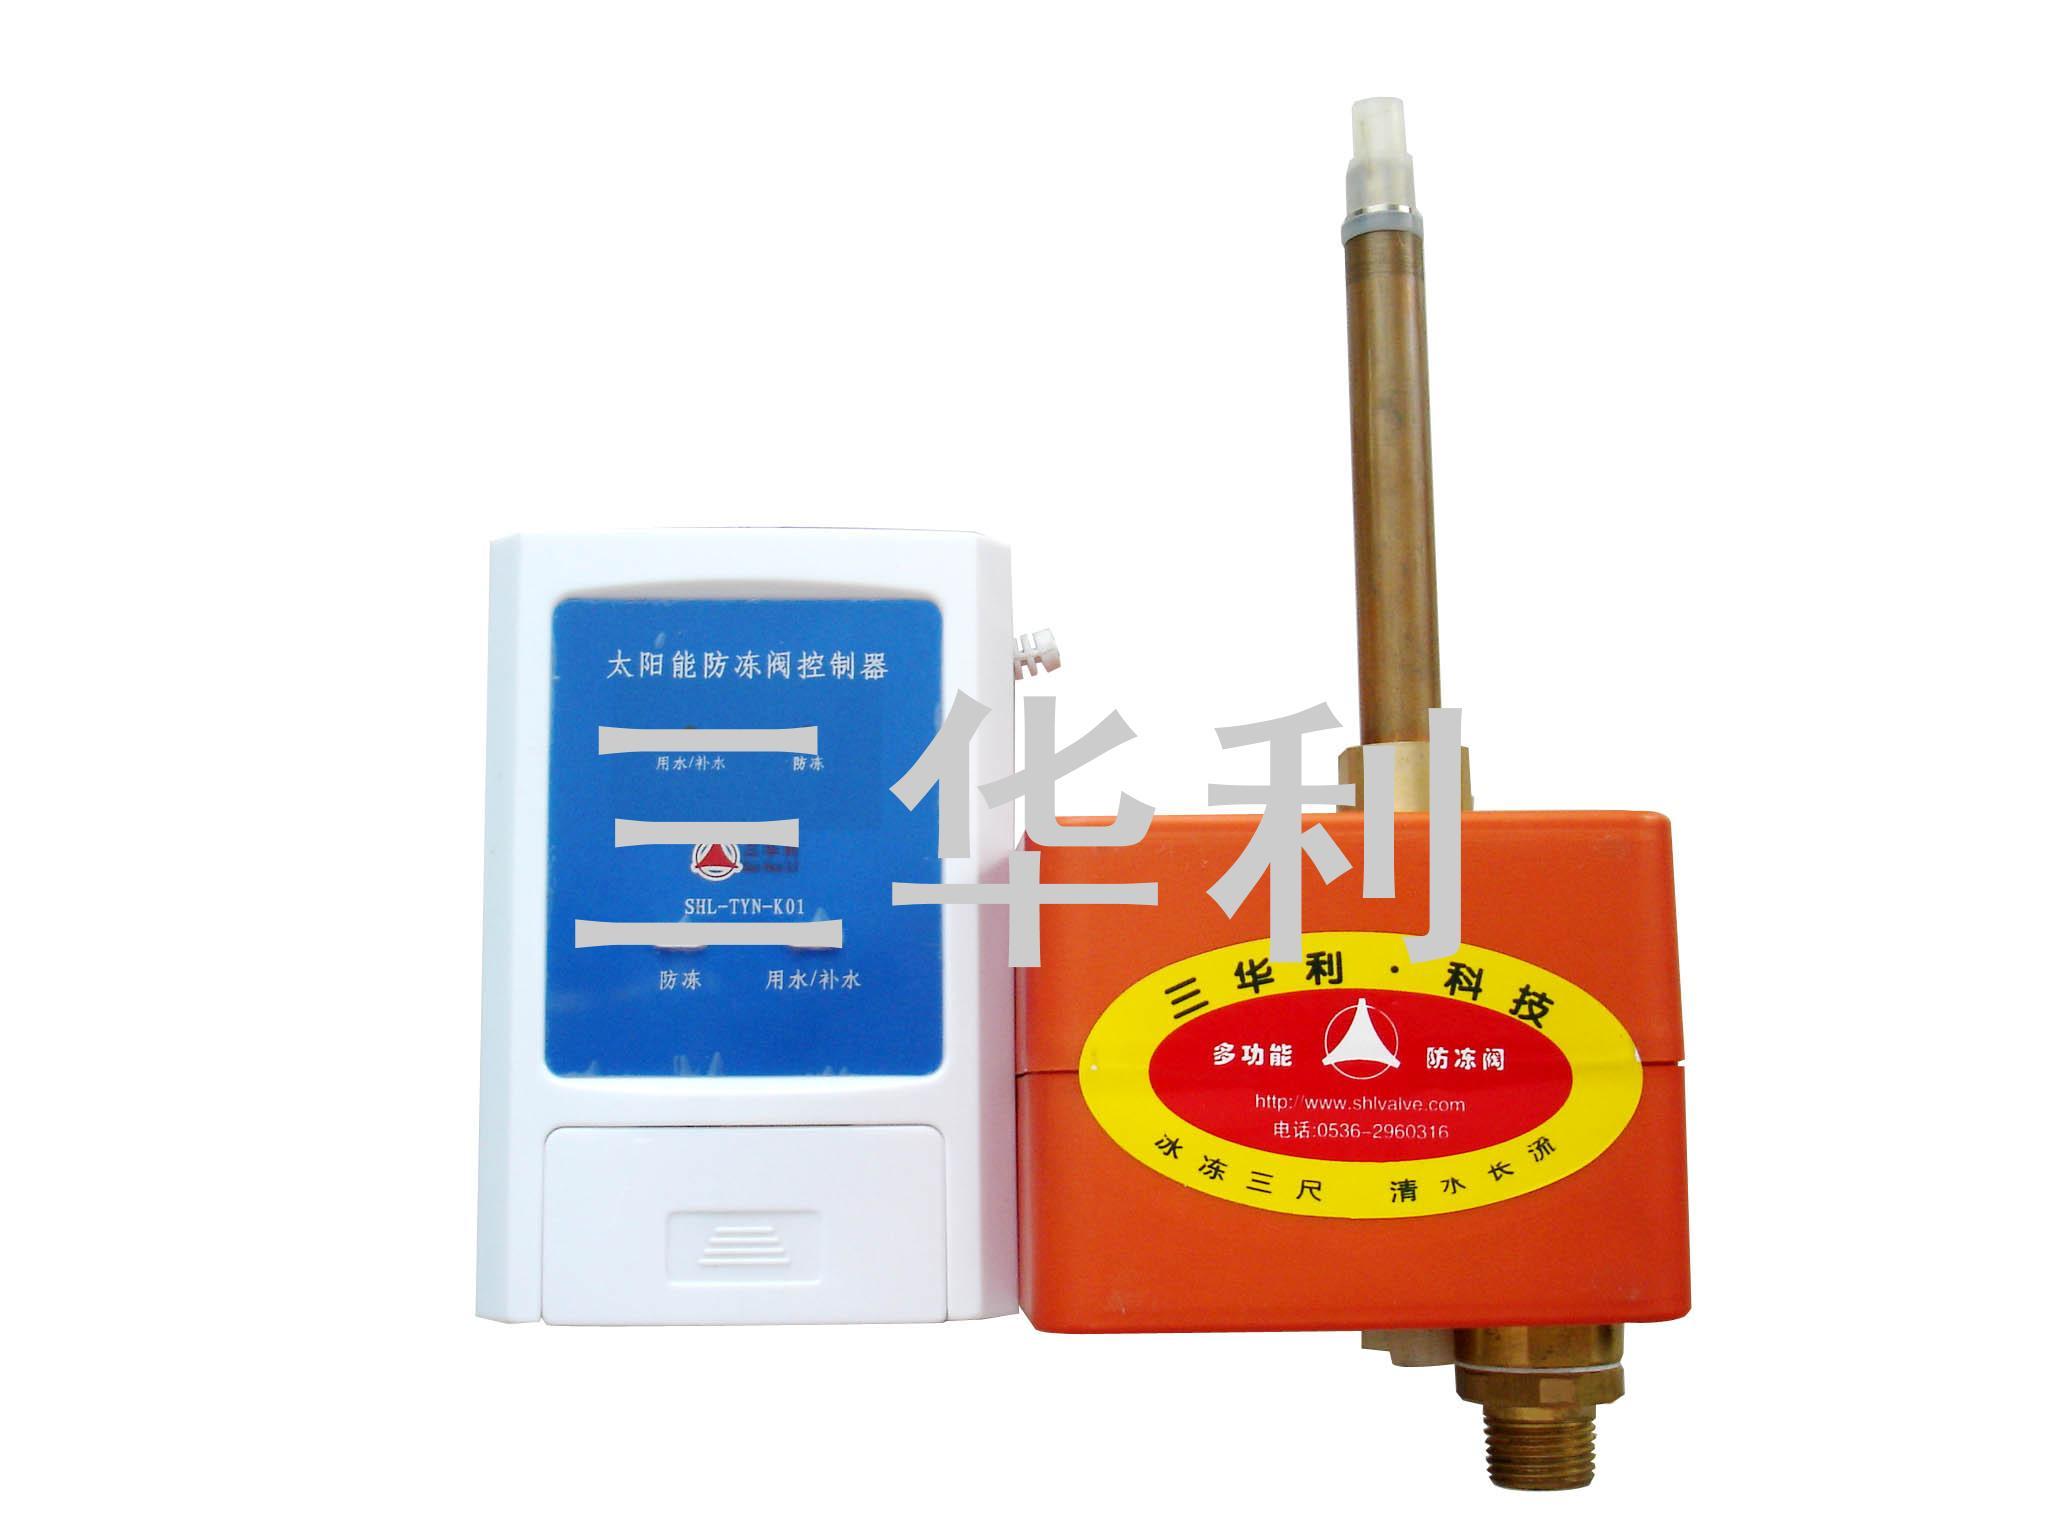 太阳能防冻阀K01控制系统